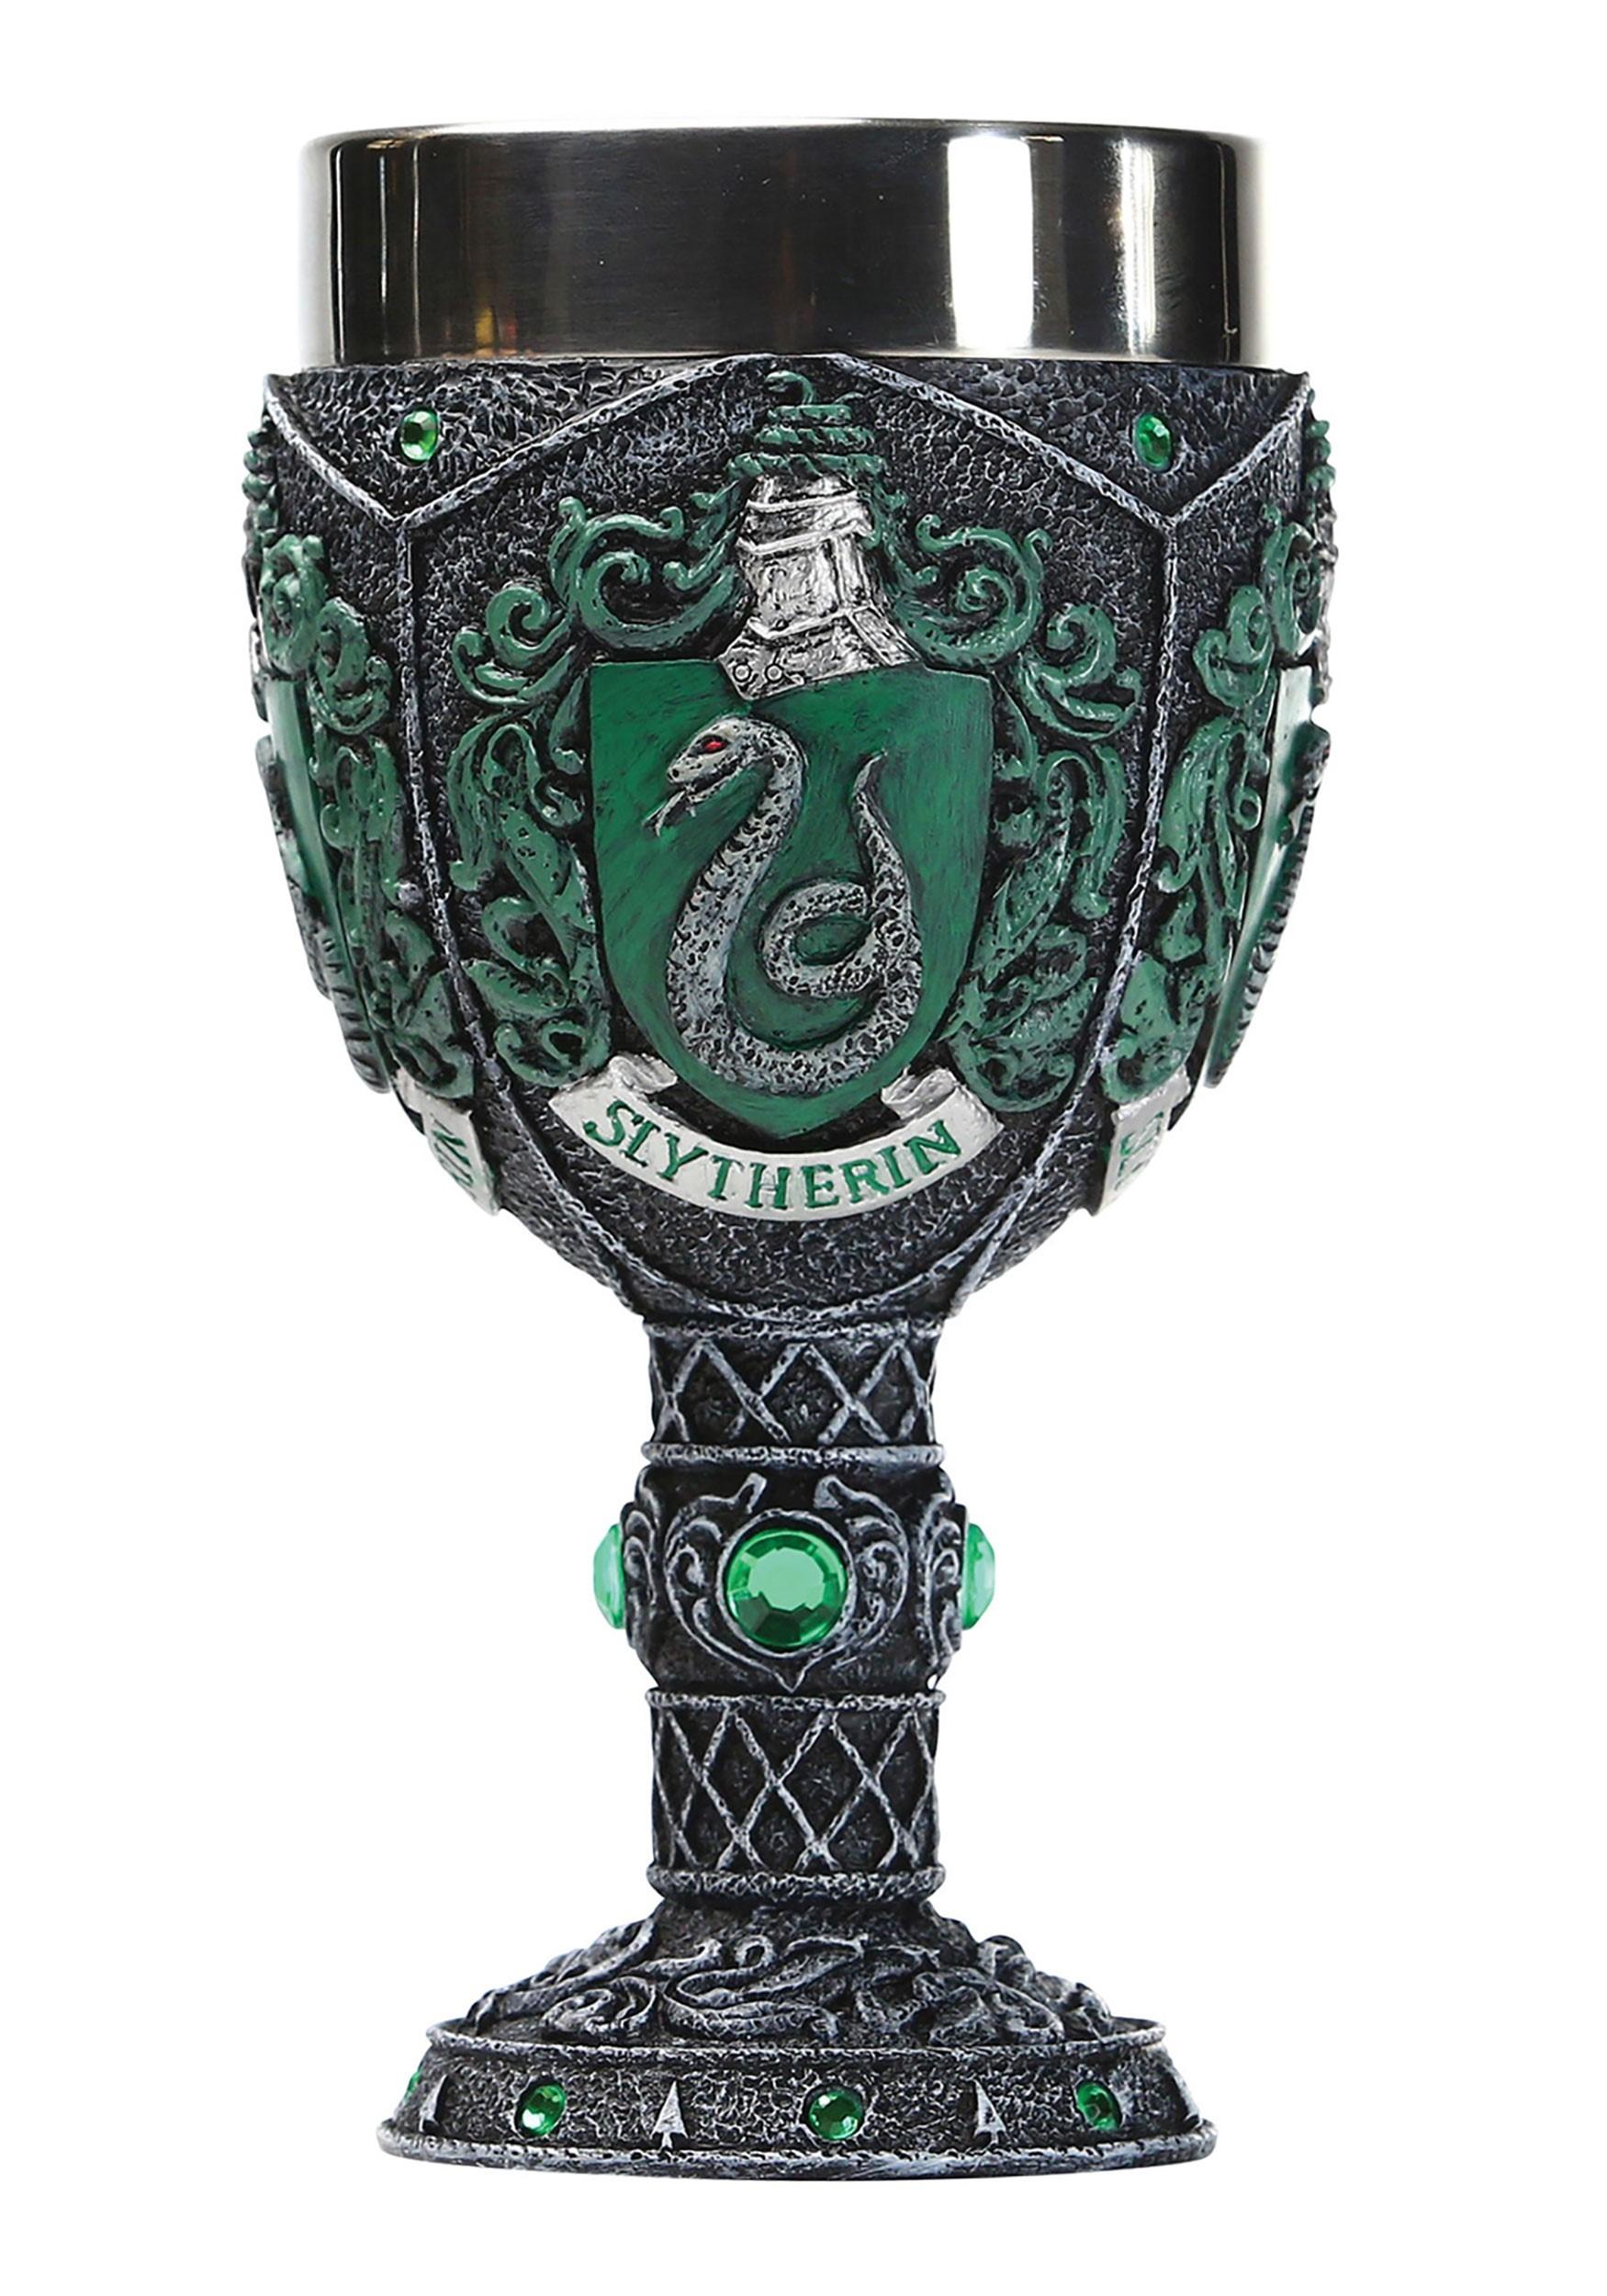 Slytherin Harry Potter Goblet Decorative